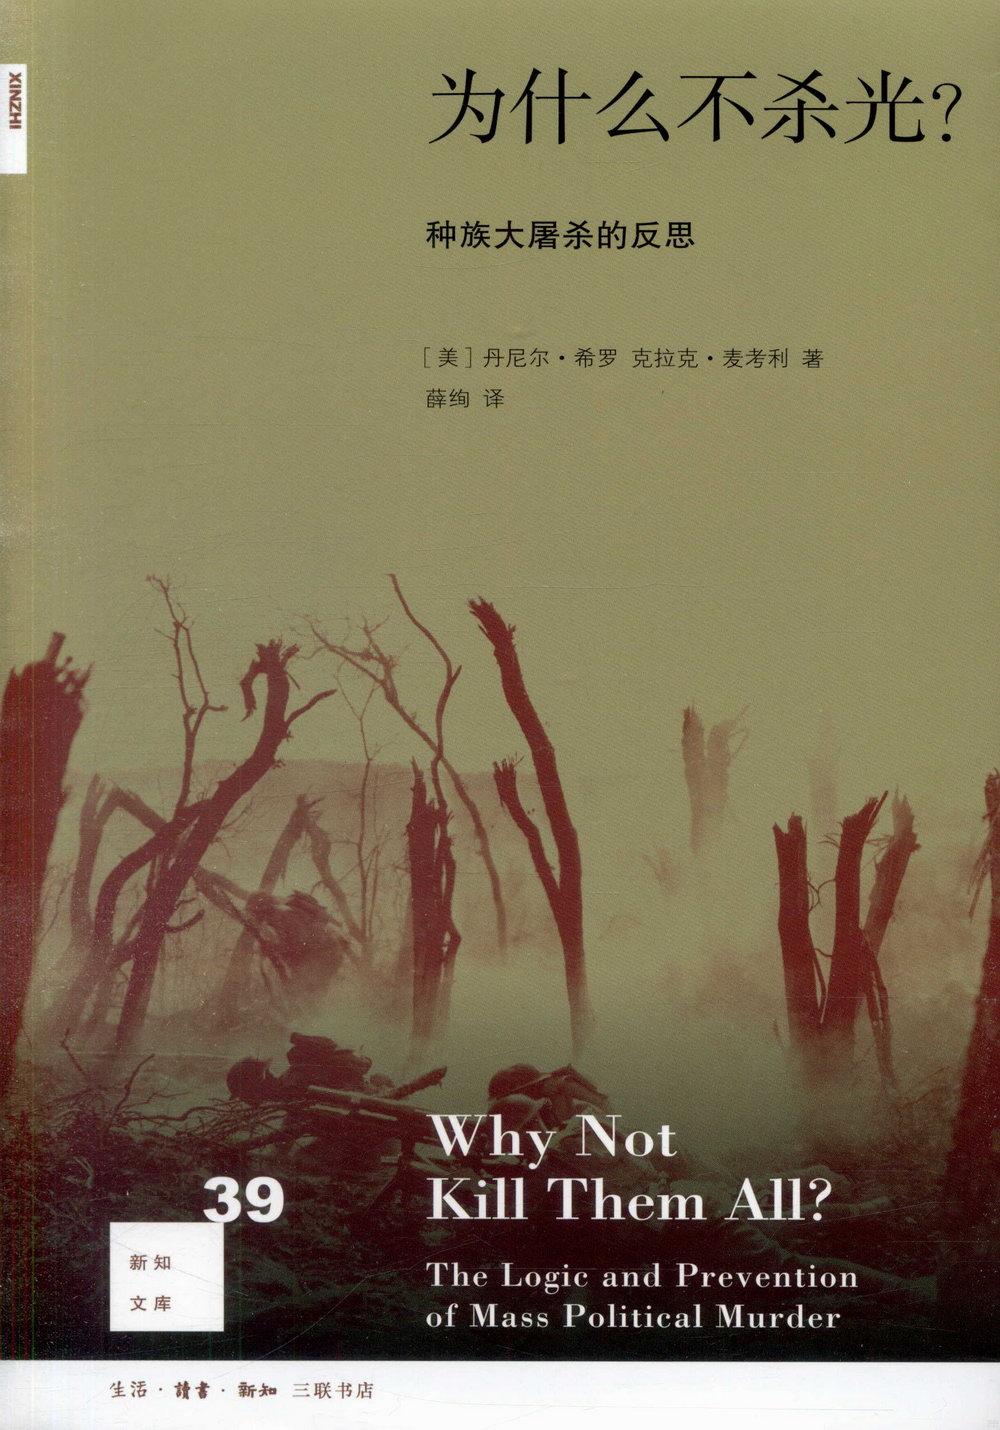 為什麼不殺光 種族大屠殺的反思